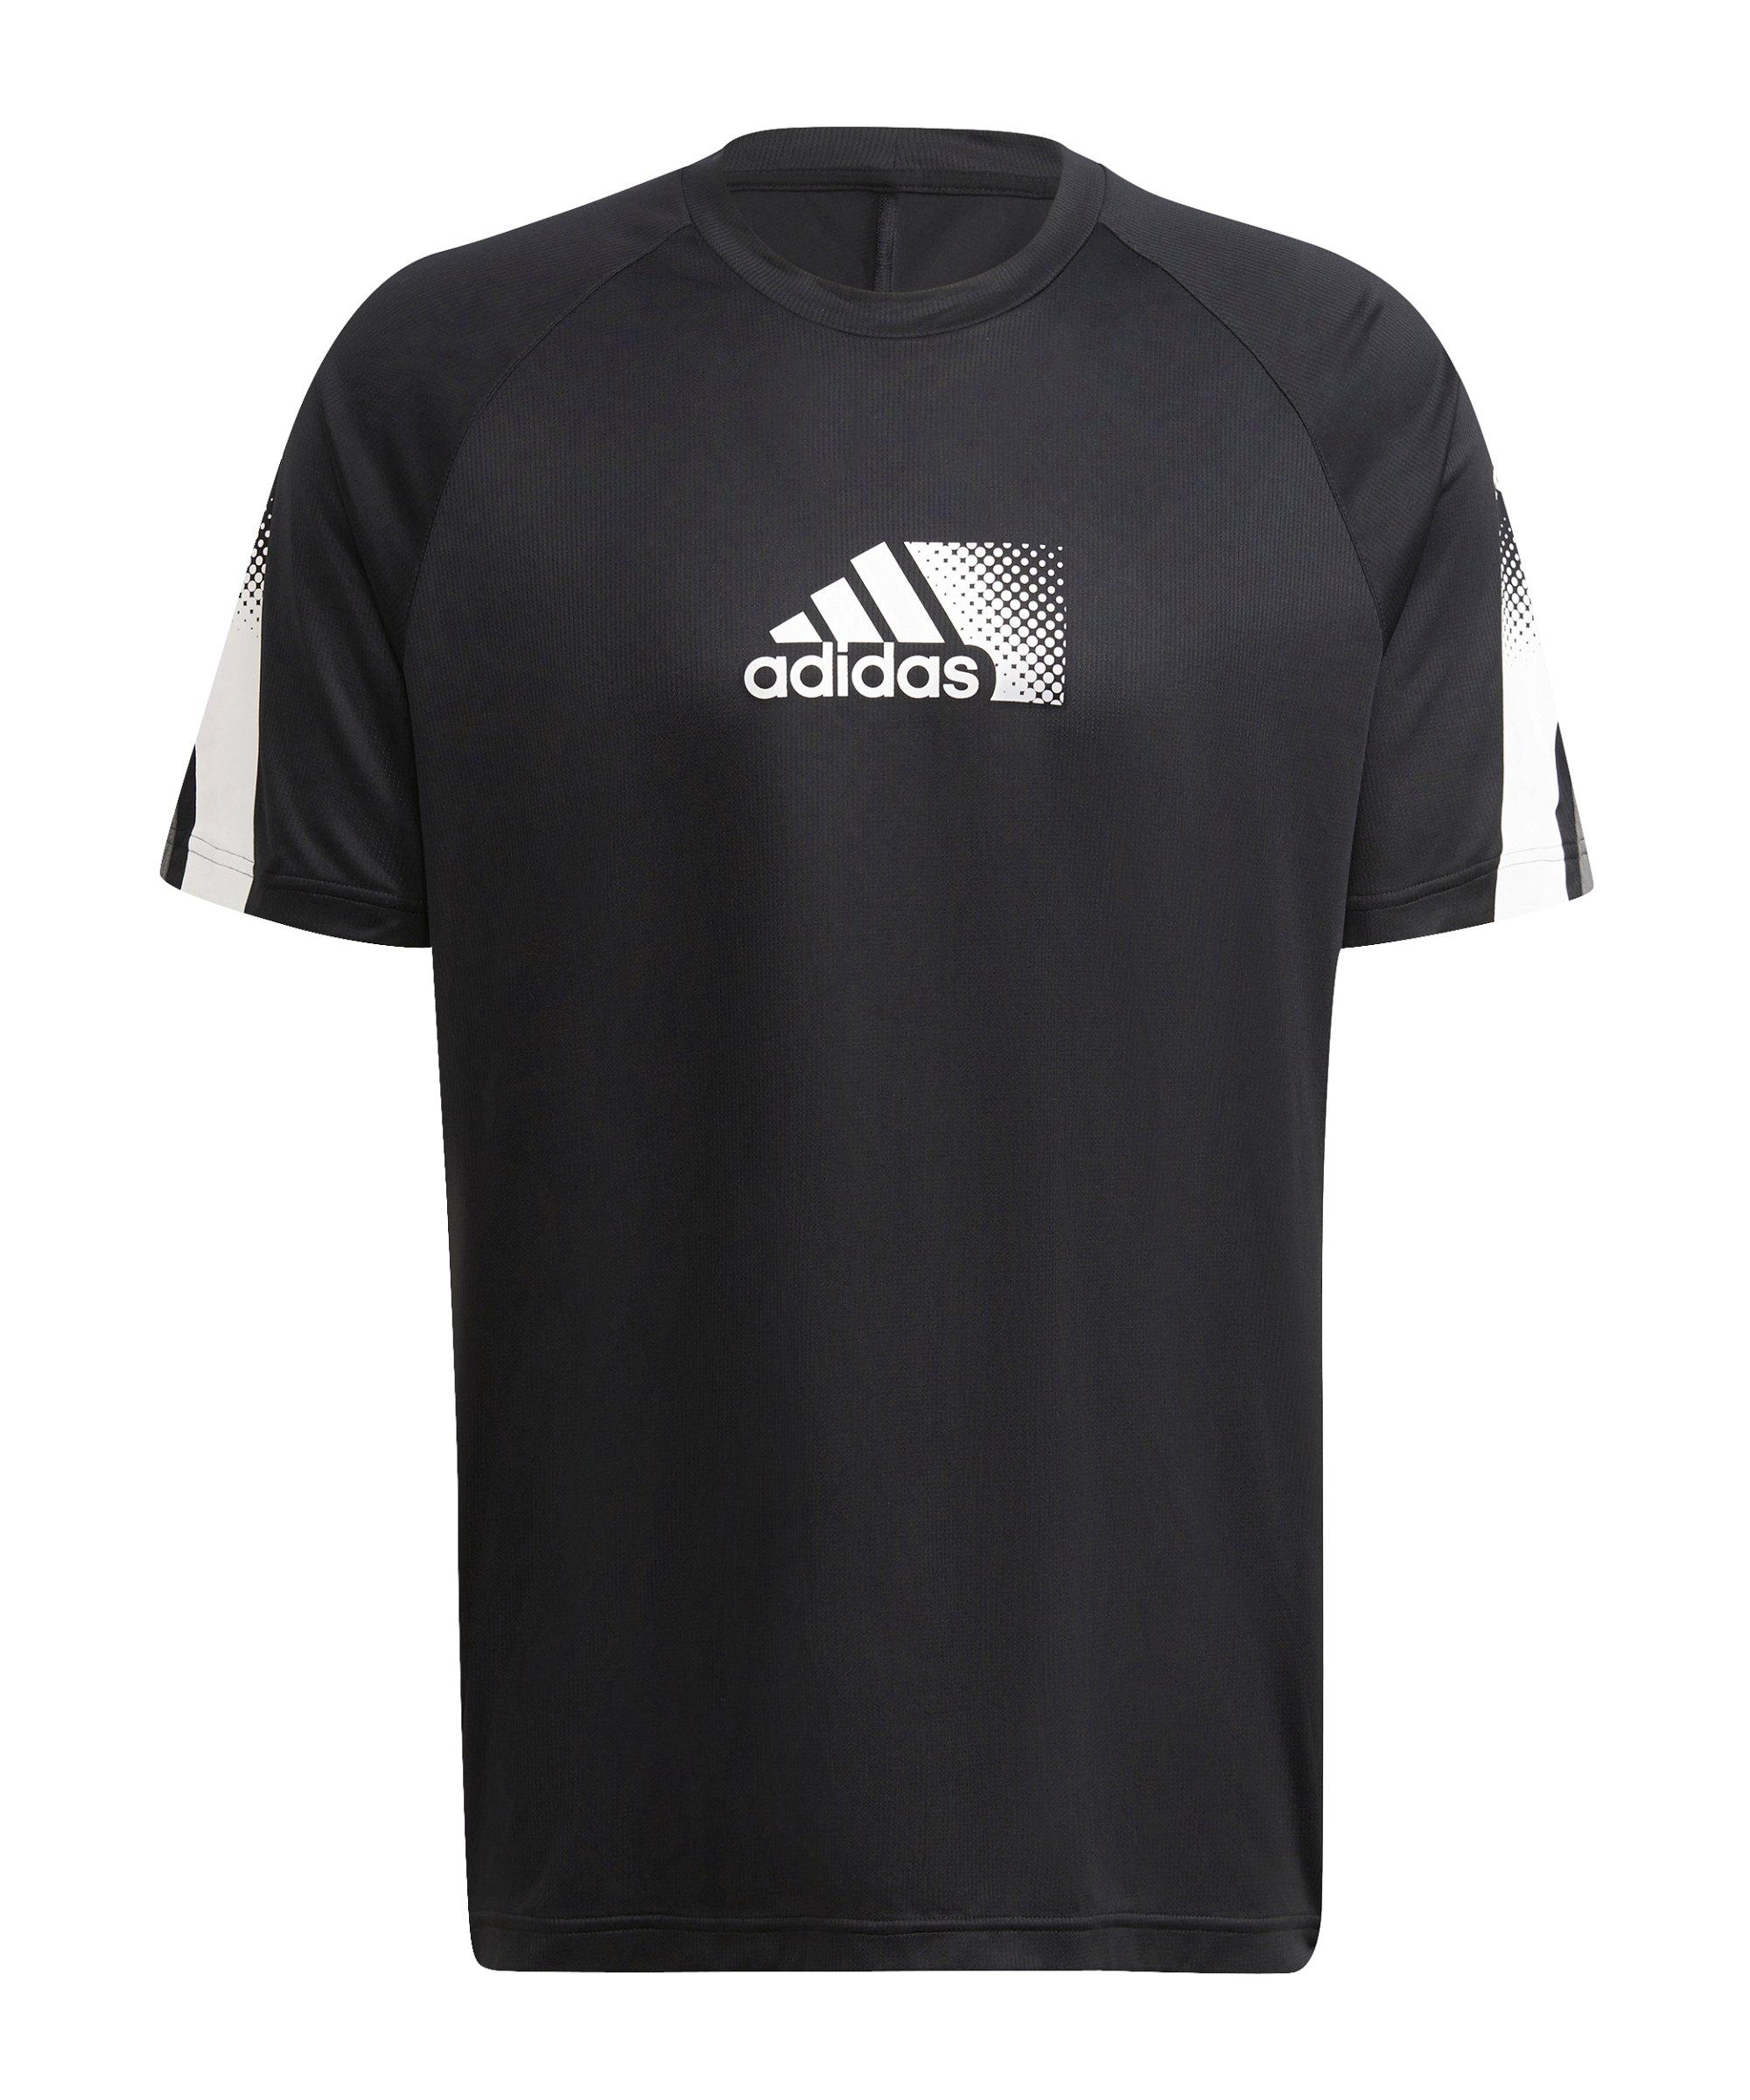 adidas D2M Seasonal T-Shirt Schwarz Weiss - schwarz